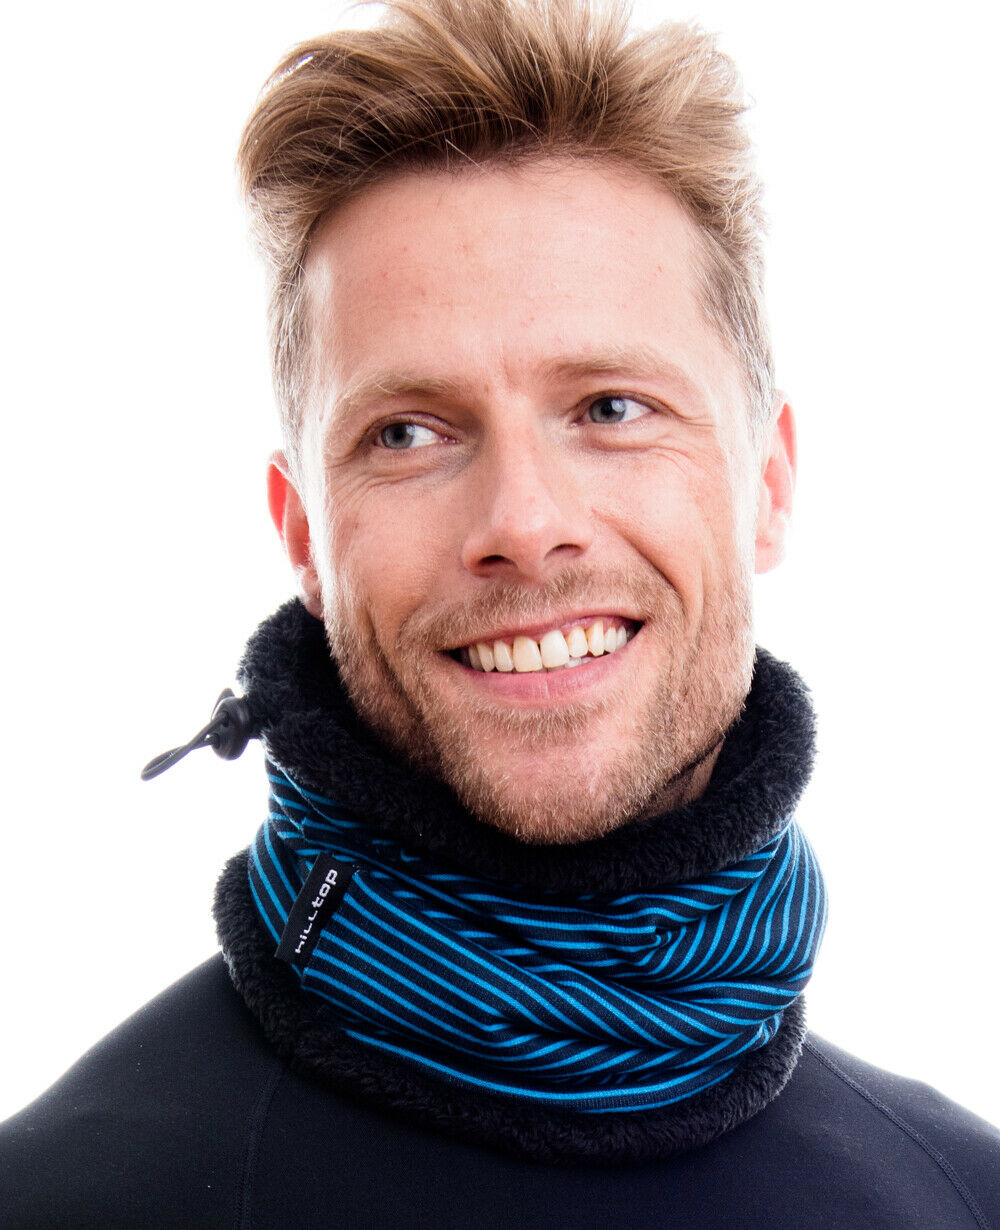 Hilltop Polar Schal mit Teddy Fleece / Wendemütze oder Sparset Schal & Beanie